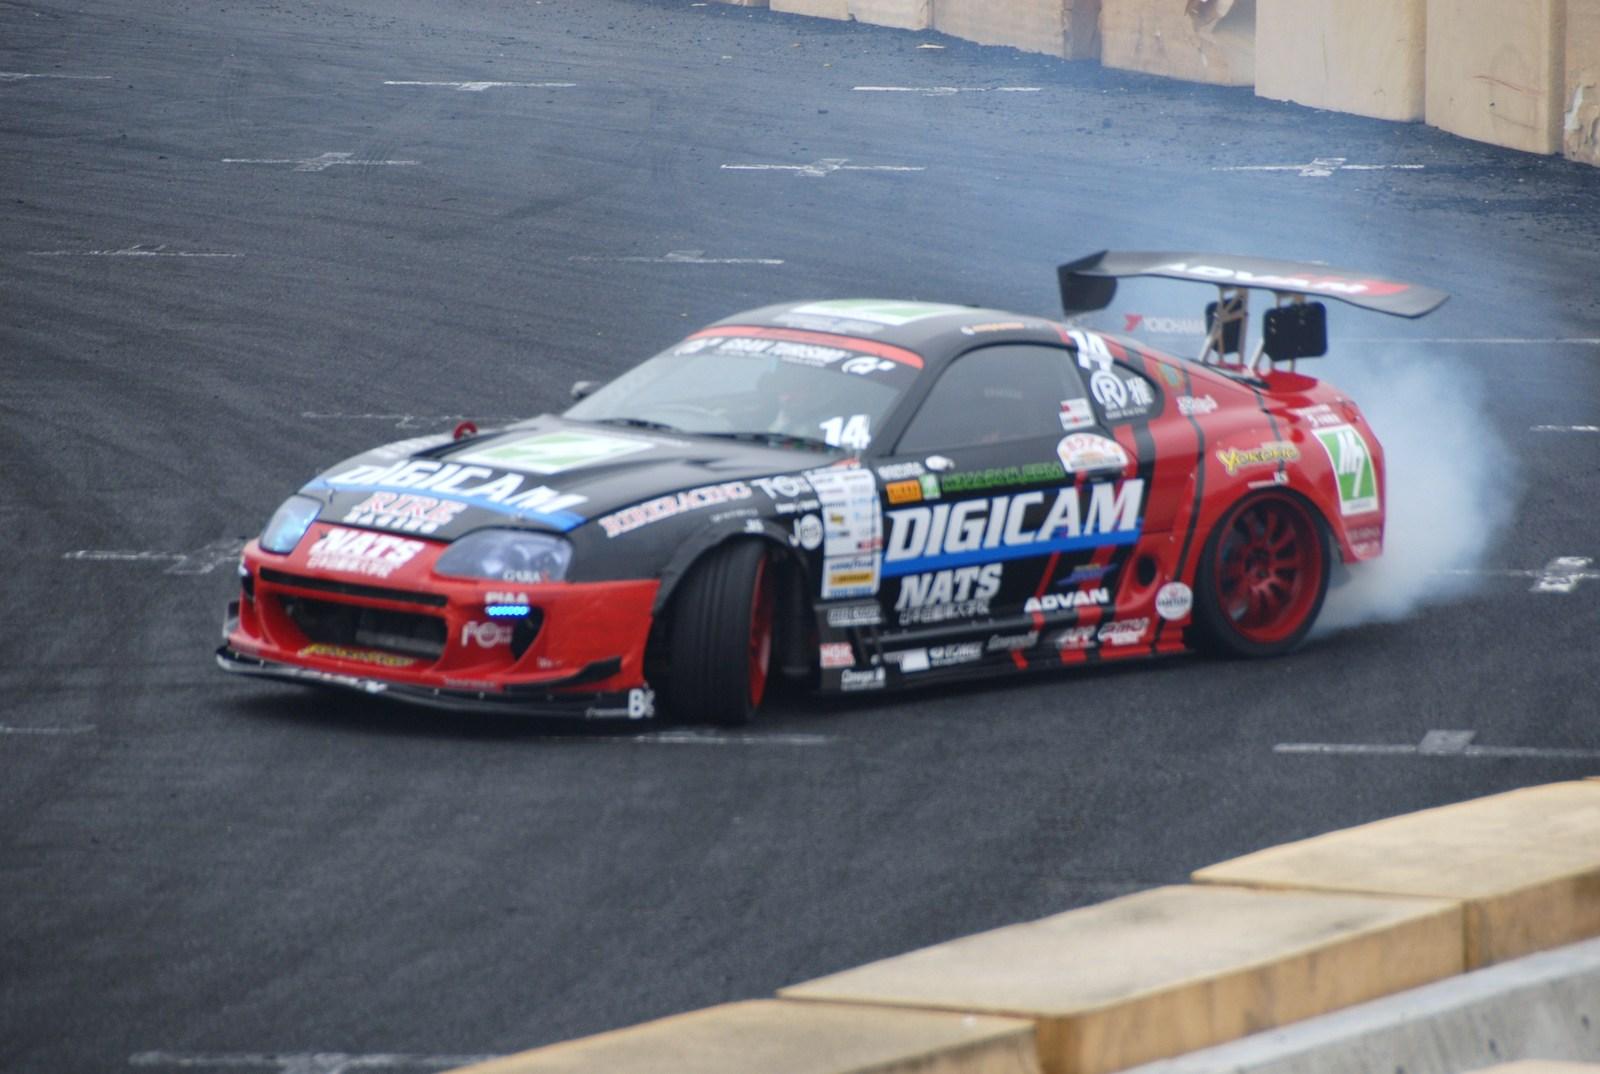 2011_tokyo_drift_2011645_469